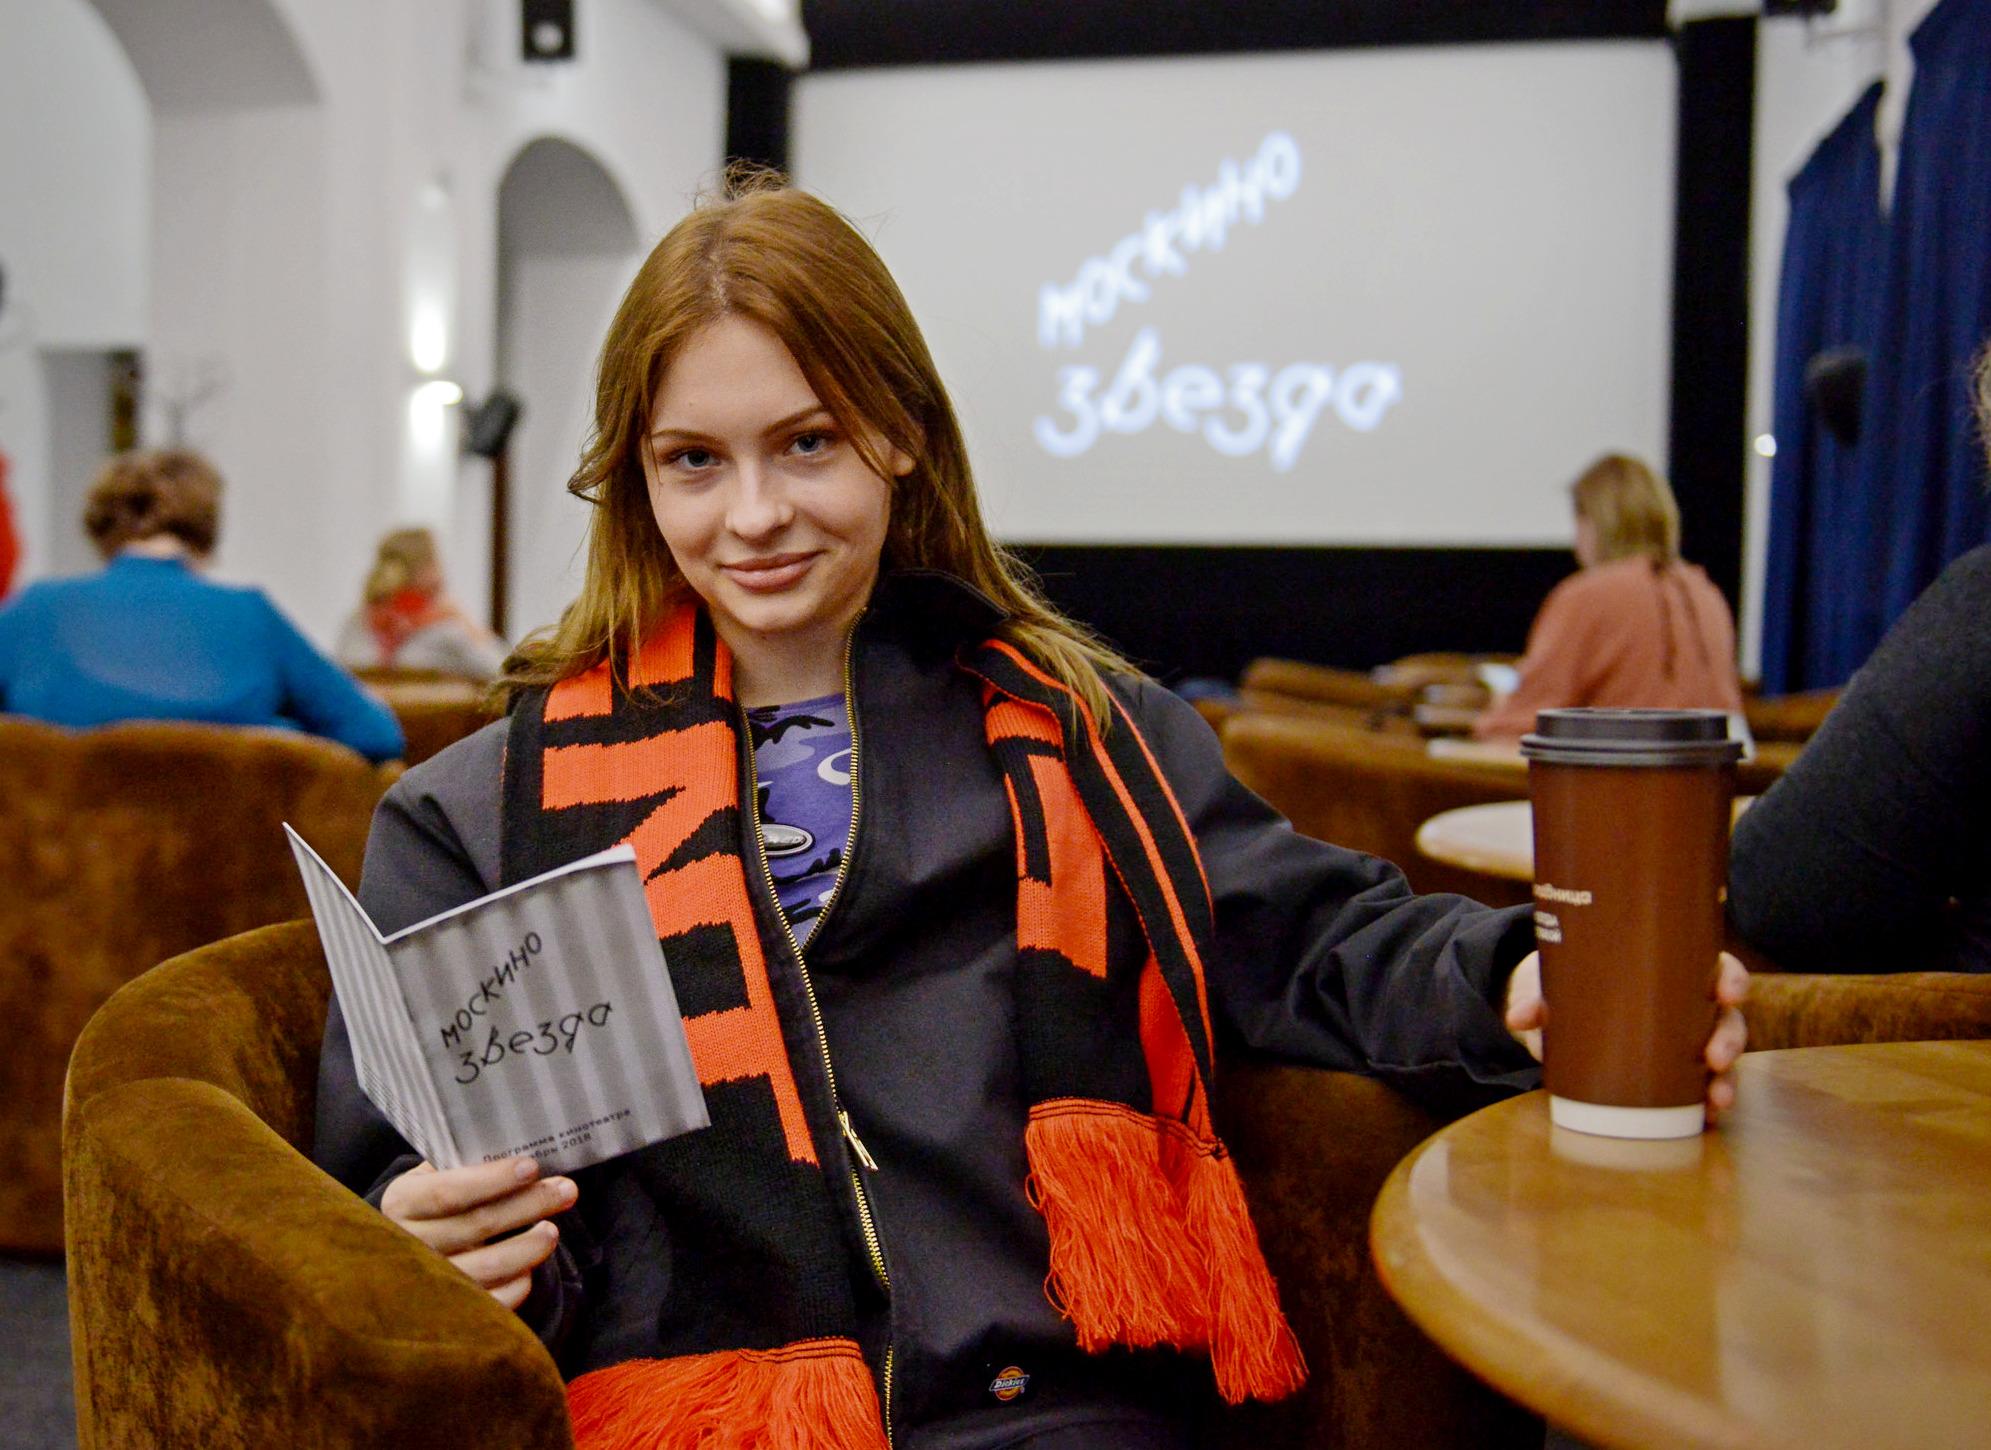 Кинотеатры «Москино» проведут тематические показы к 8 Марта